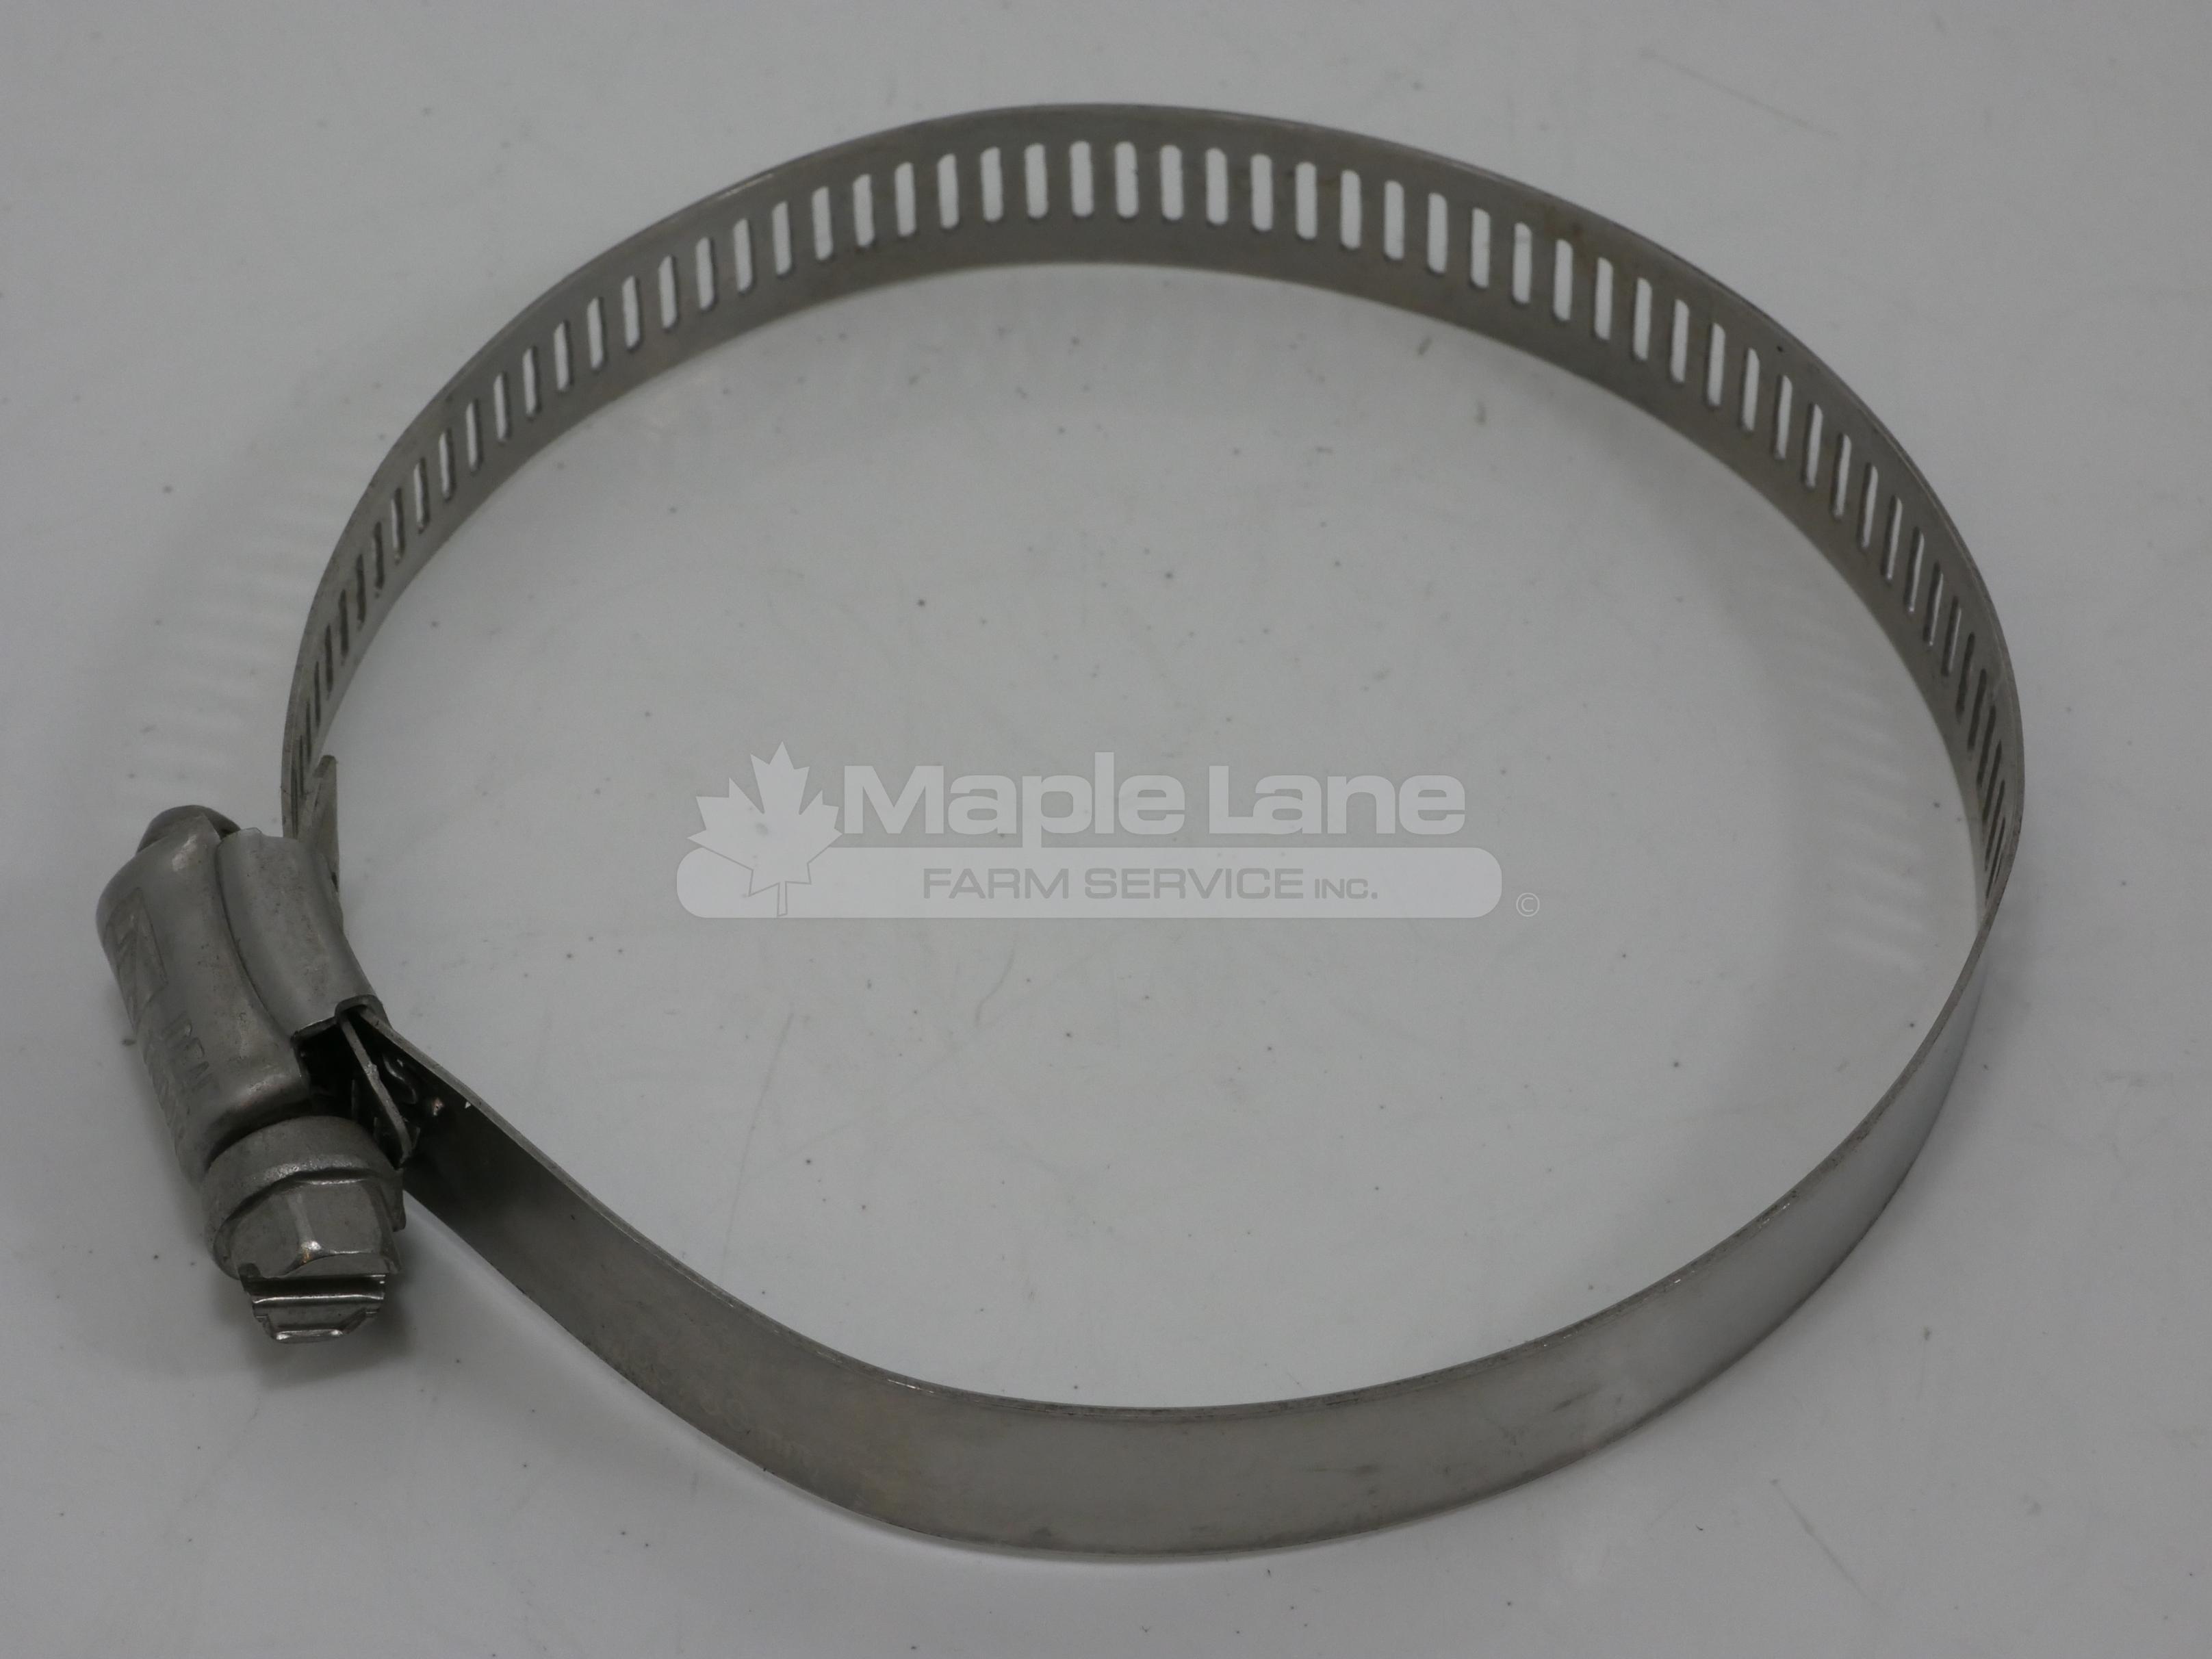 AG561235 Hose Clamp